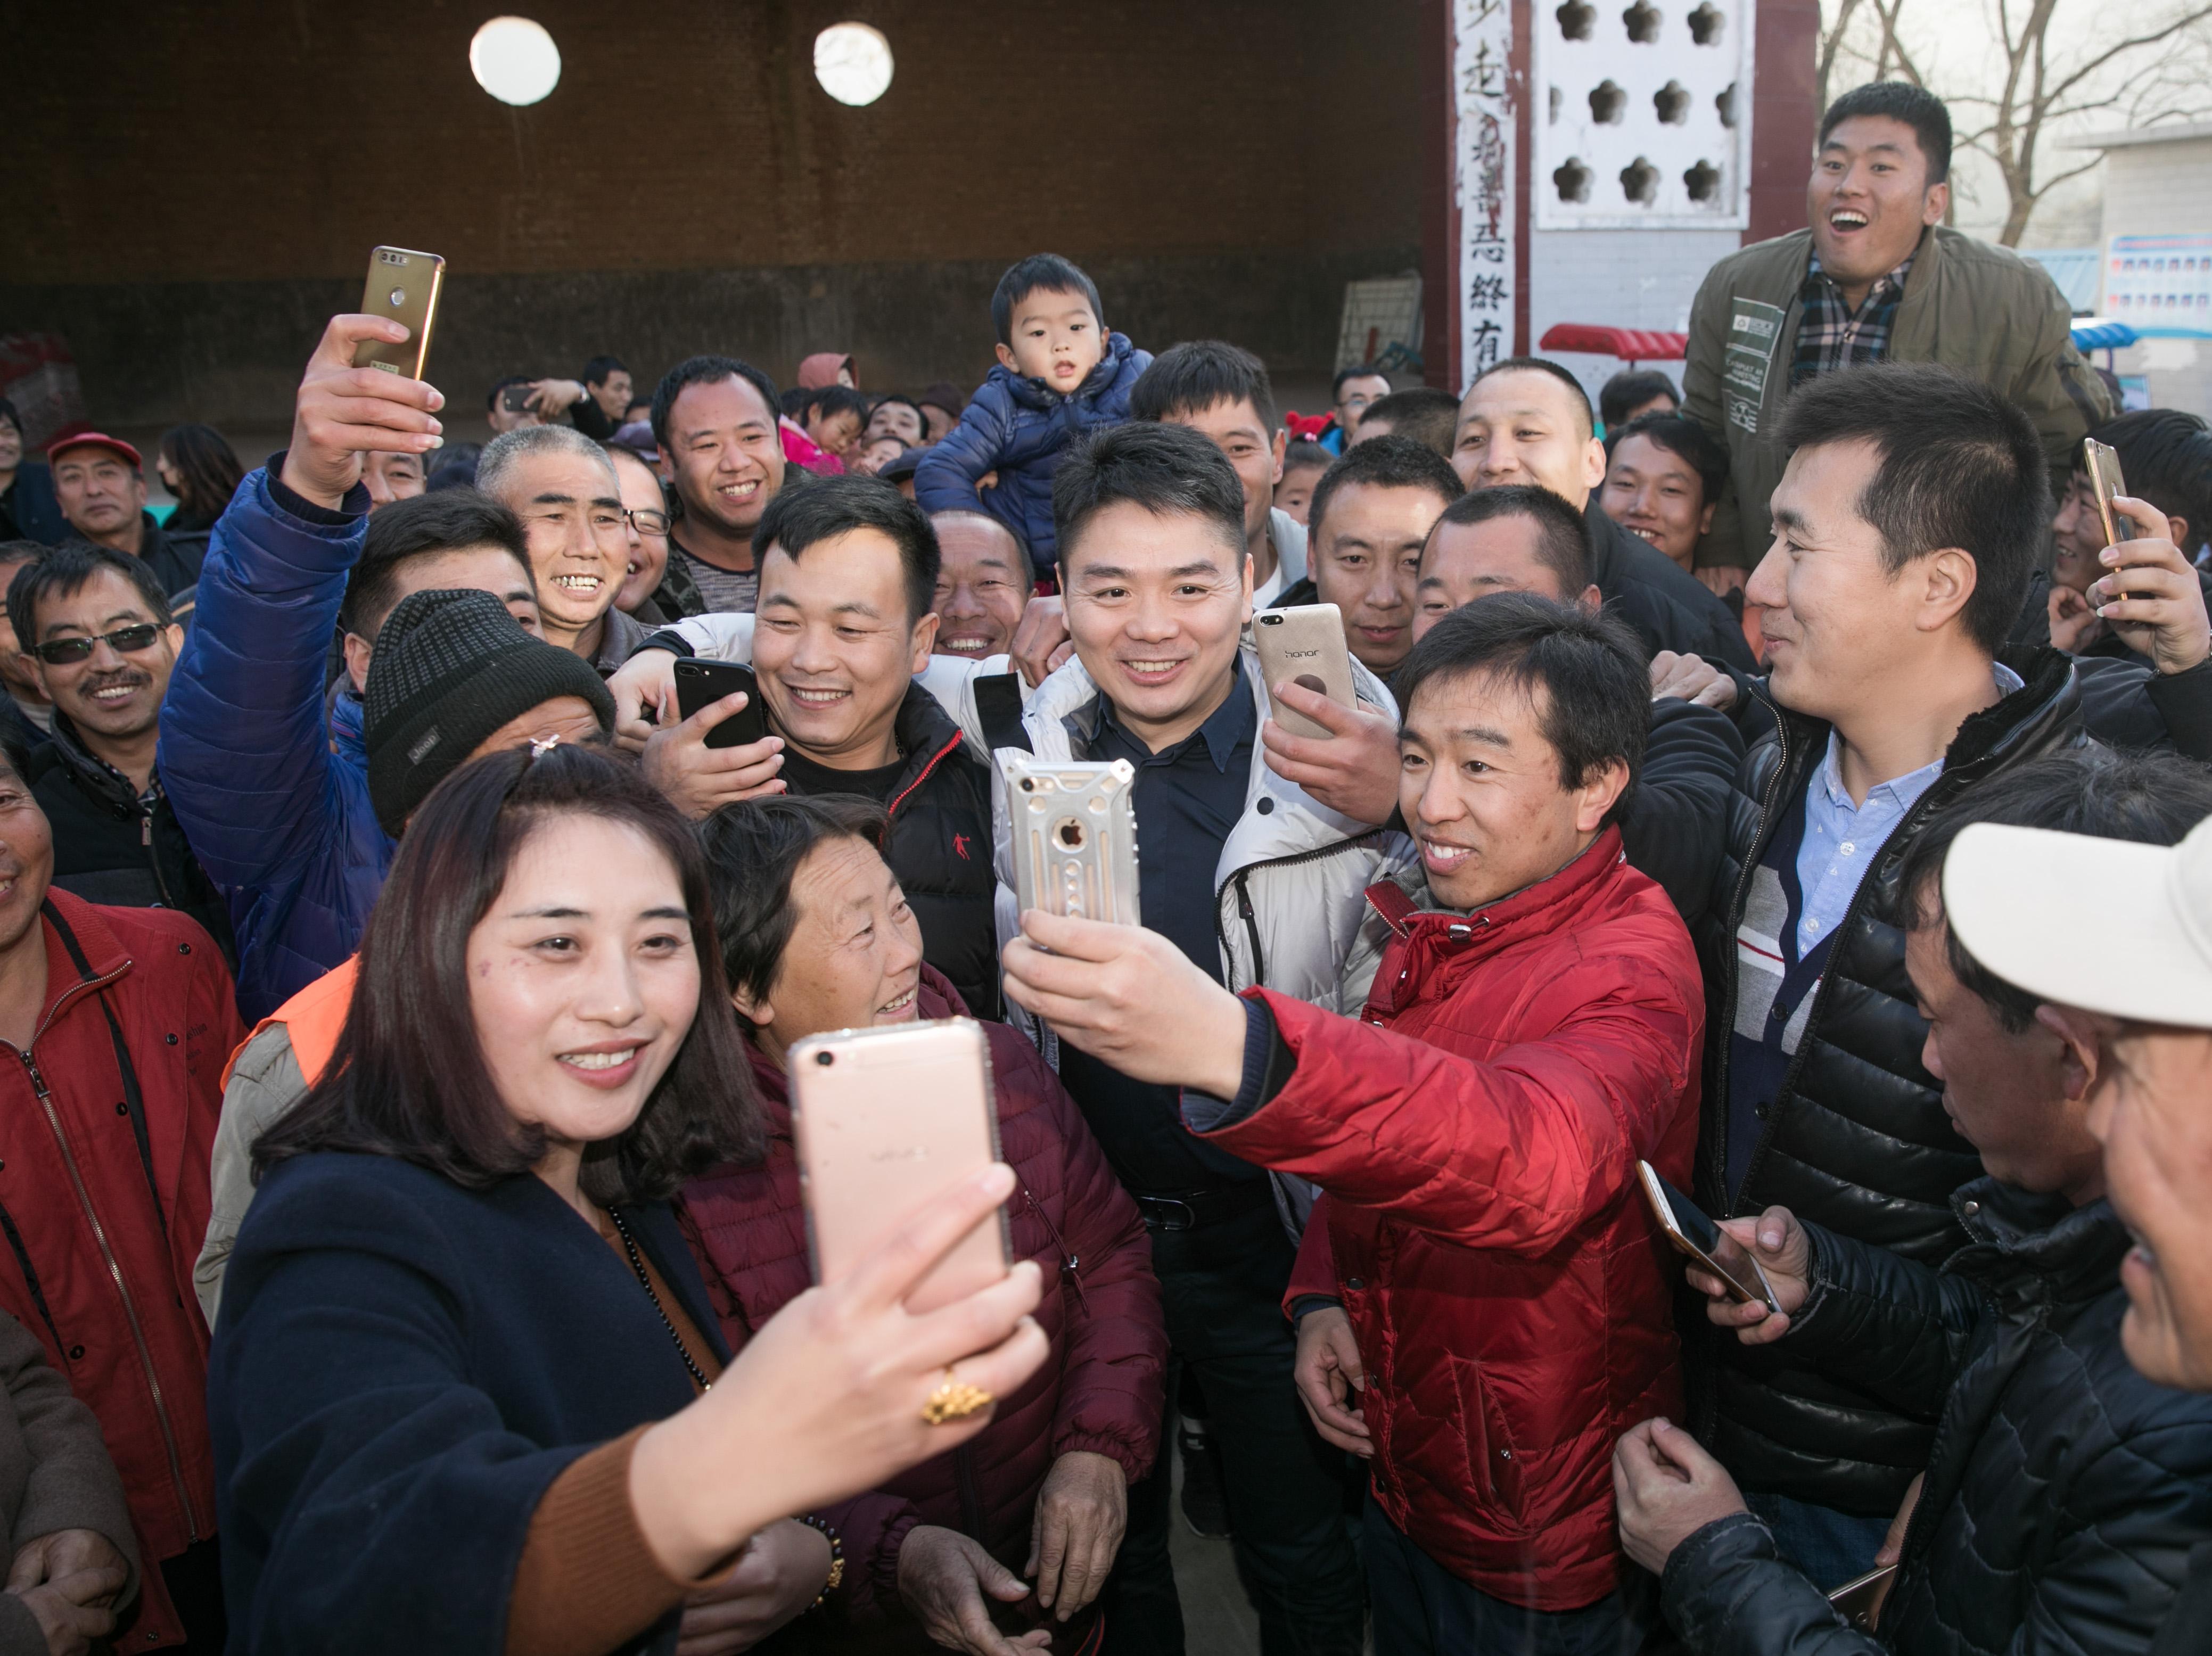 金沙网上娱乐网址:全国政协委员刘强东:多方合力探索电商精准扶贫新模式